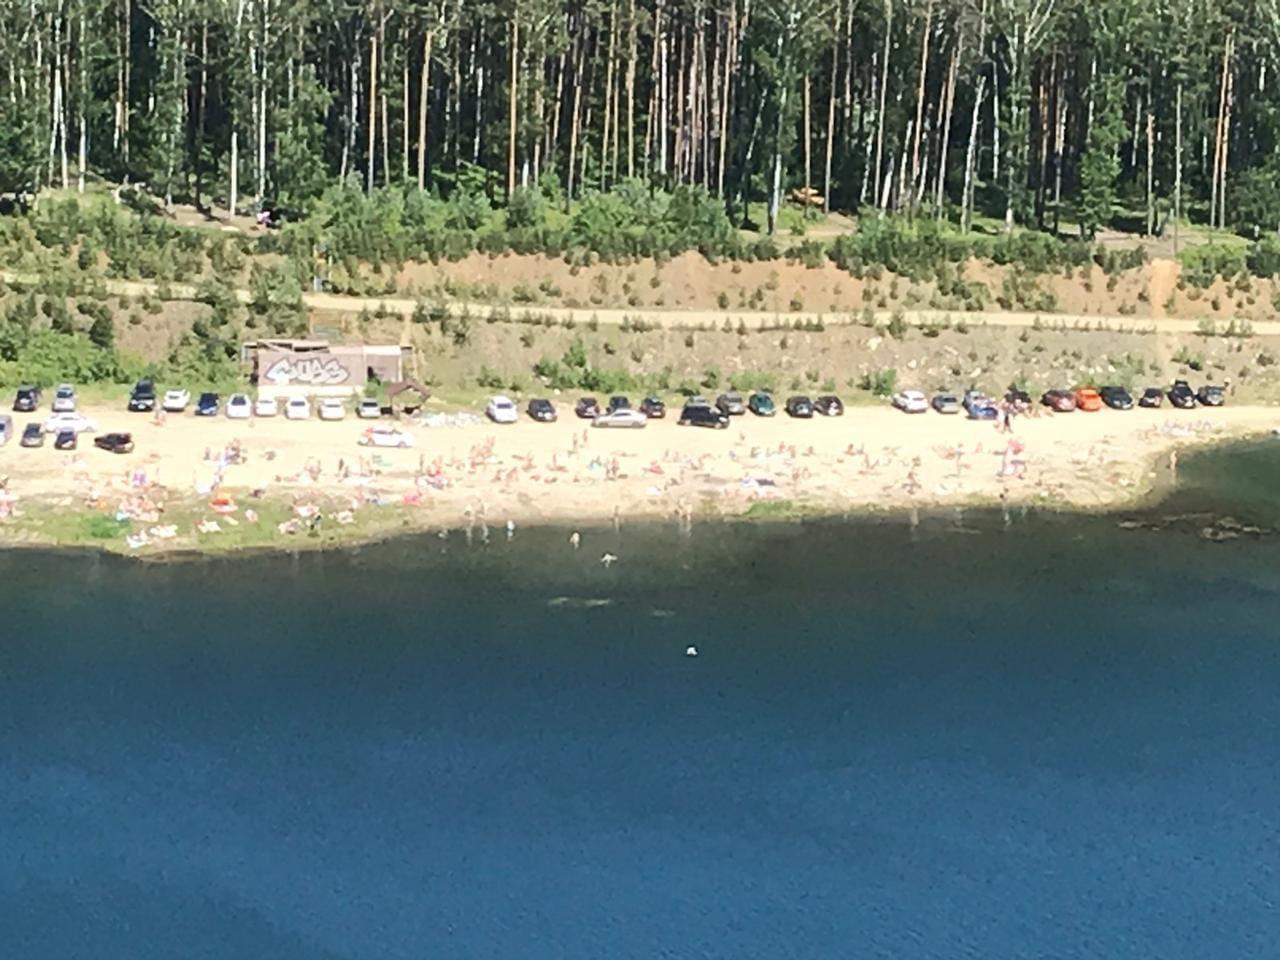 Уральцы советуют купаться в пляжных тапочках: на дне можно найти стекло